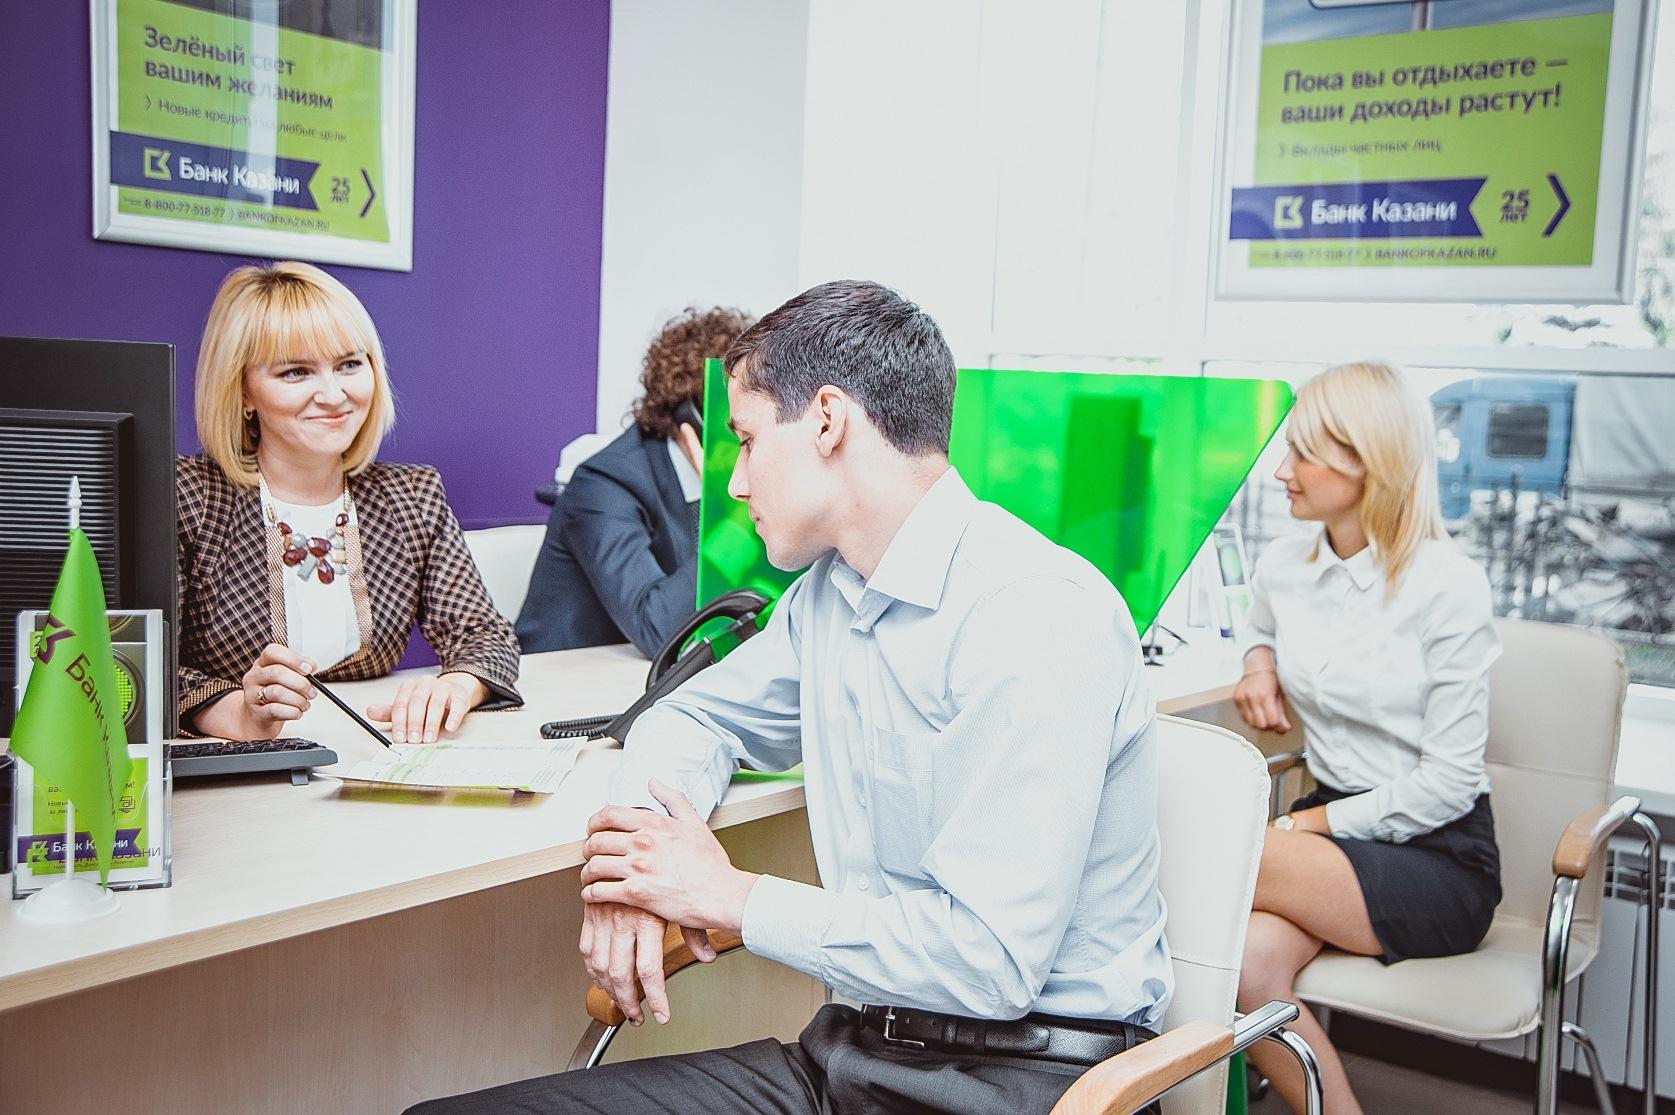 Обслуживание клиента в отделении банка